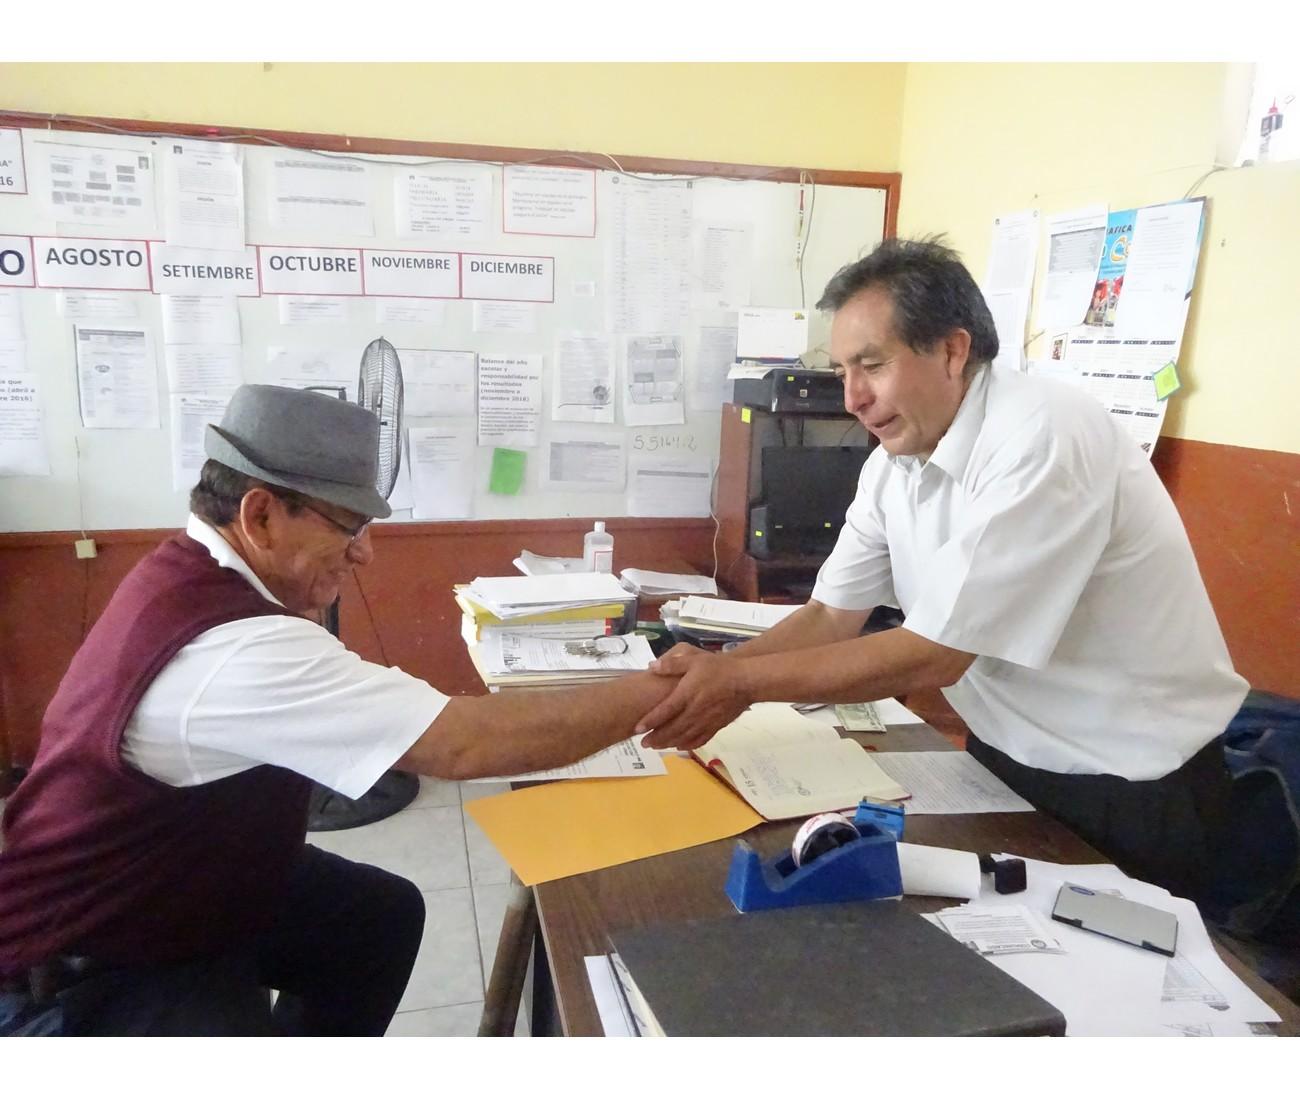 Día 15 abril – Contribuyendo en la instalación del BH Educativo.